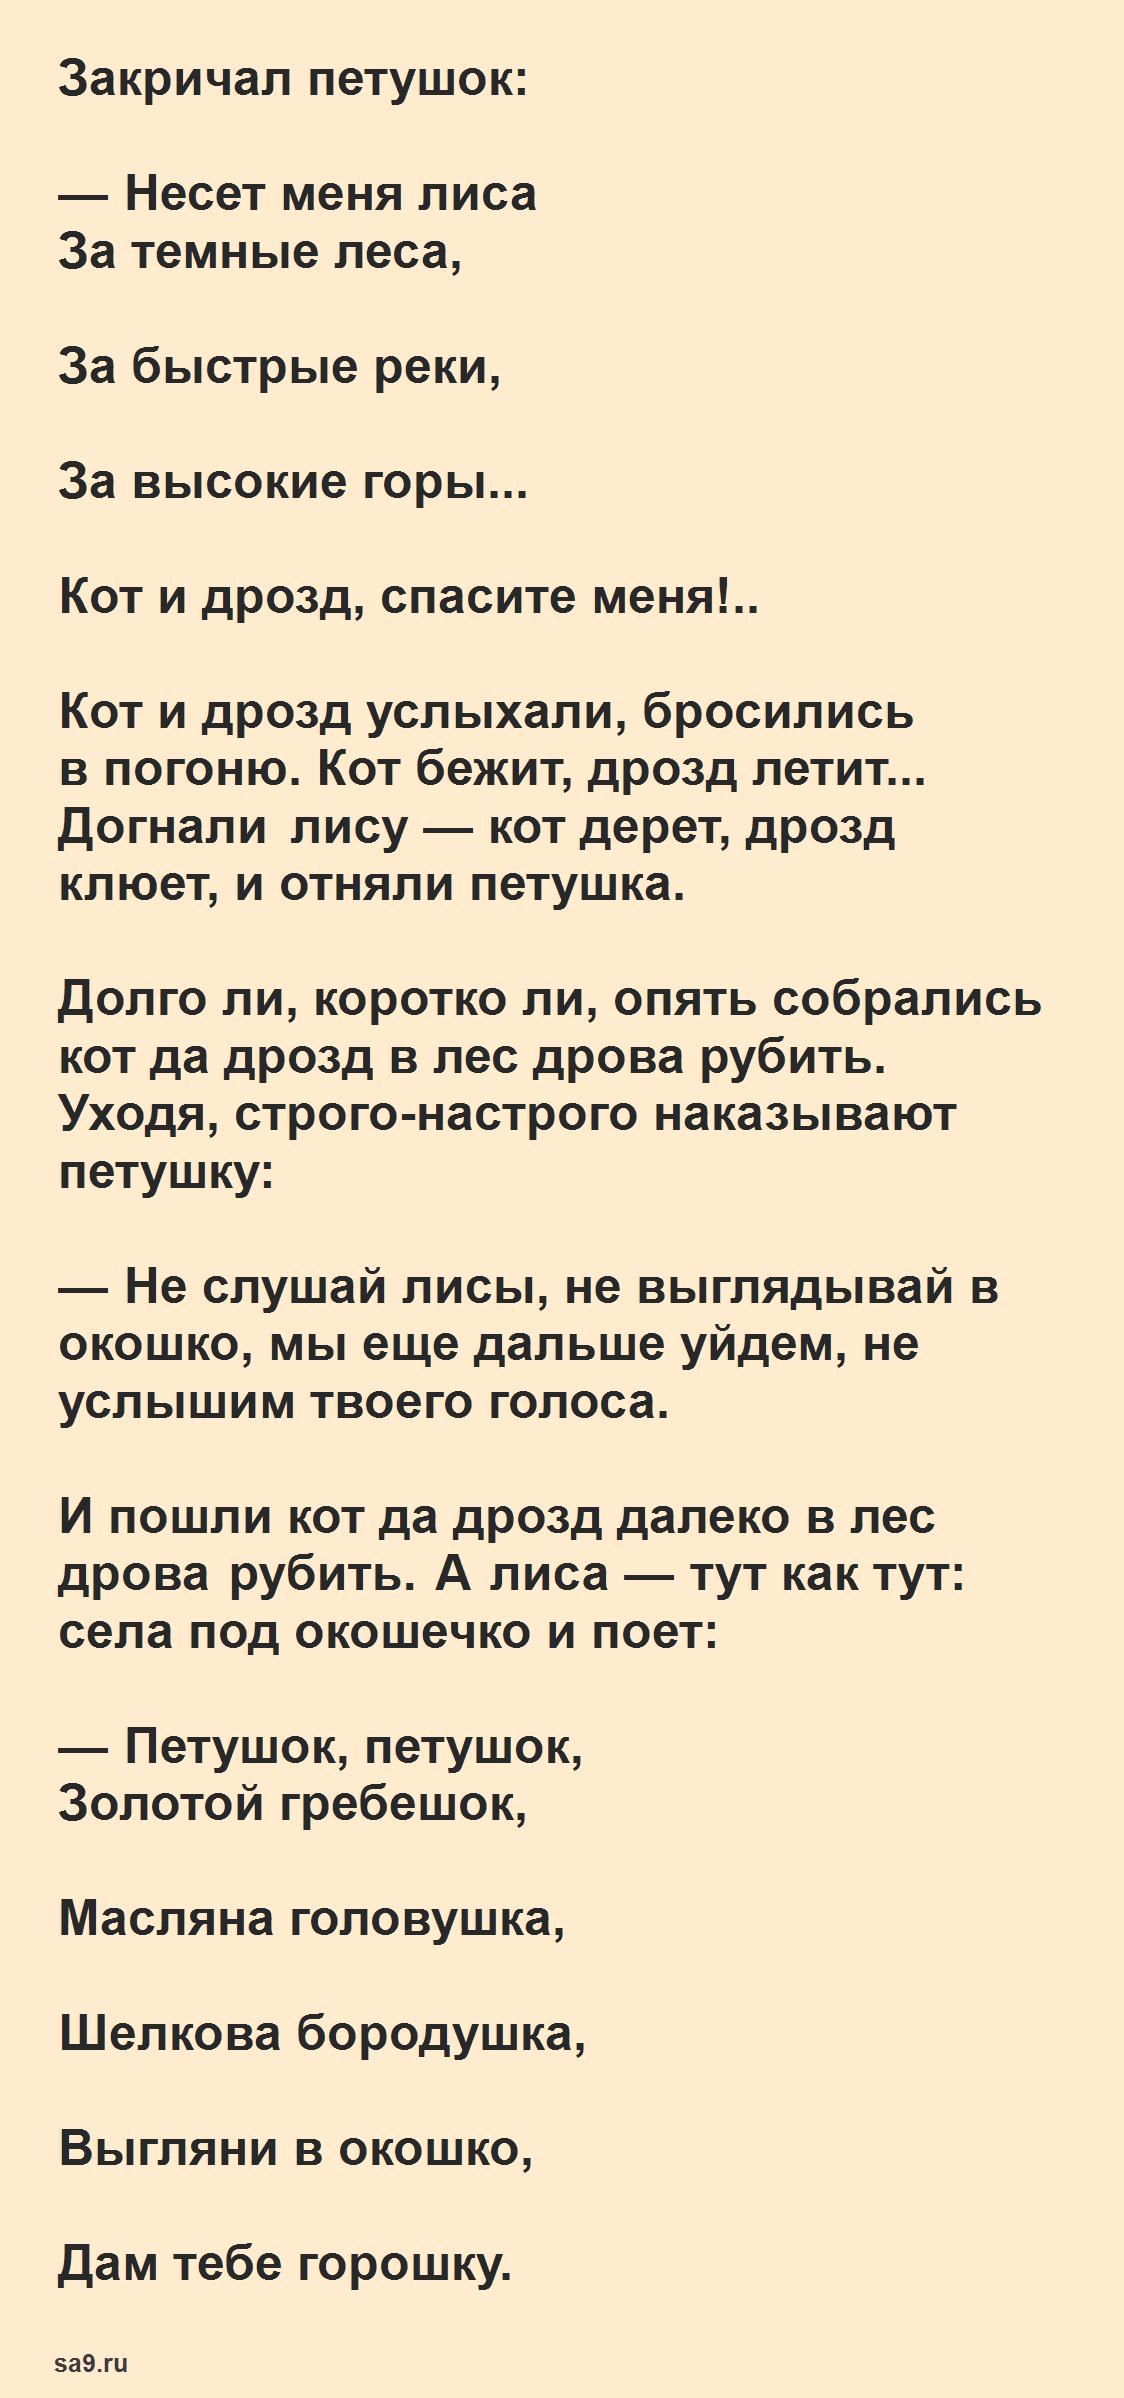 Читать русскую народную сказку - Петушок золотой гребешок, для детей